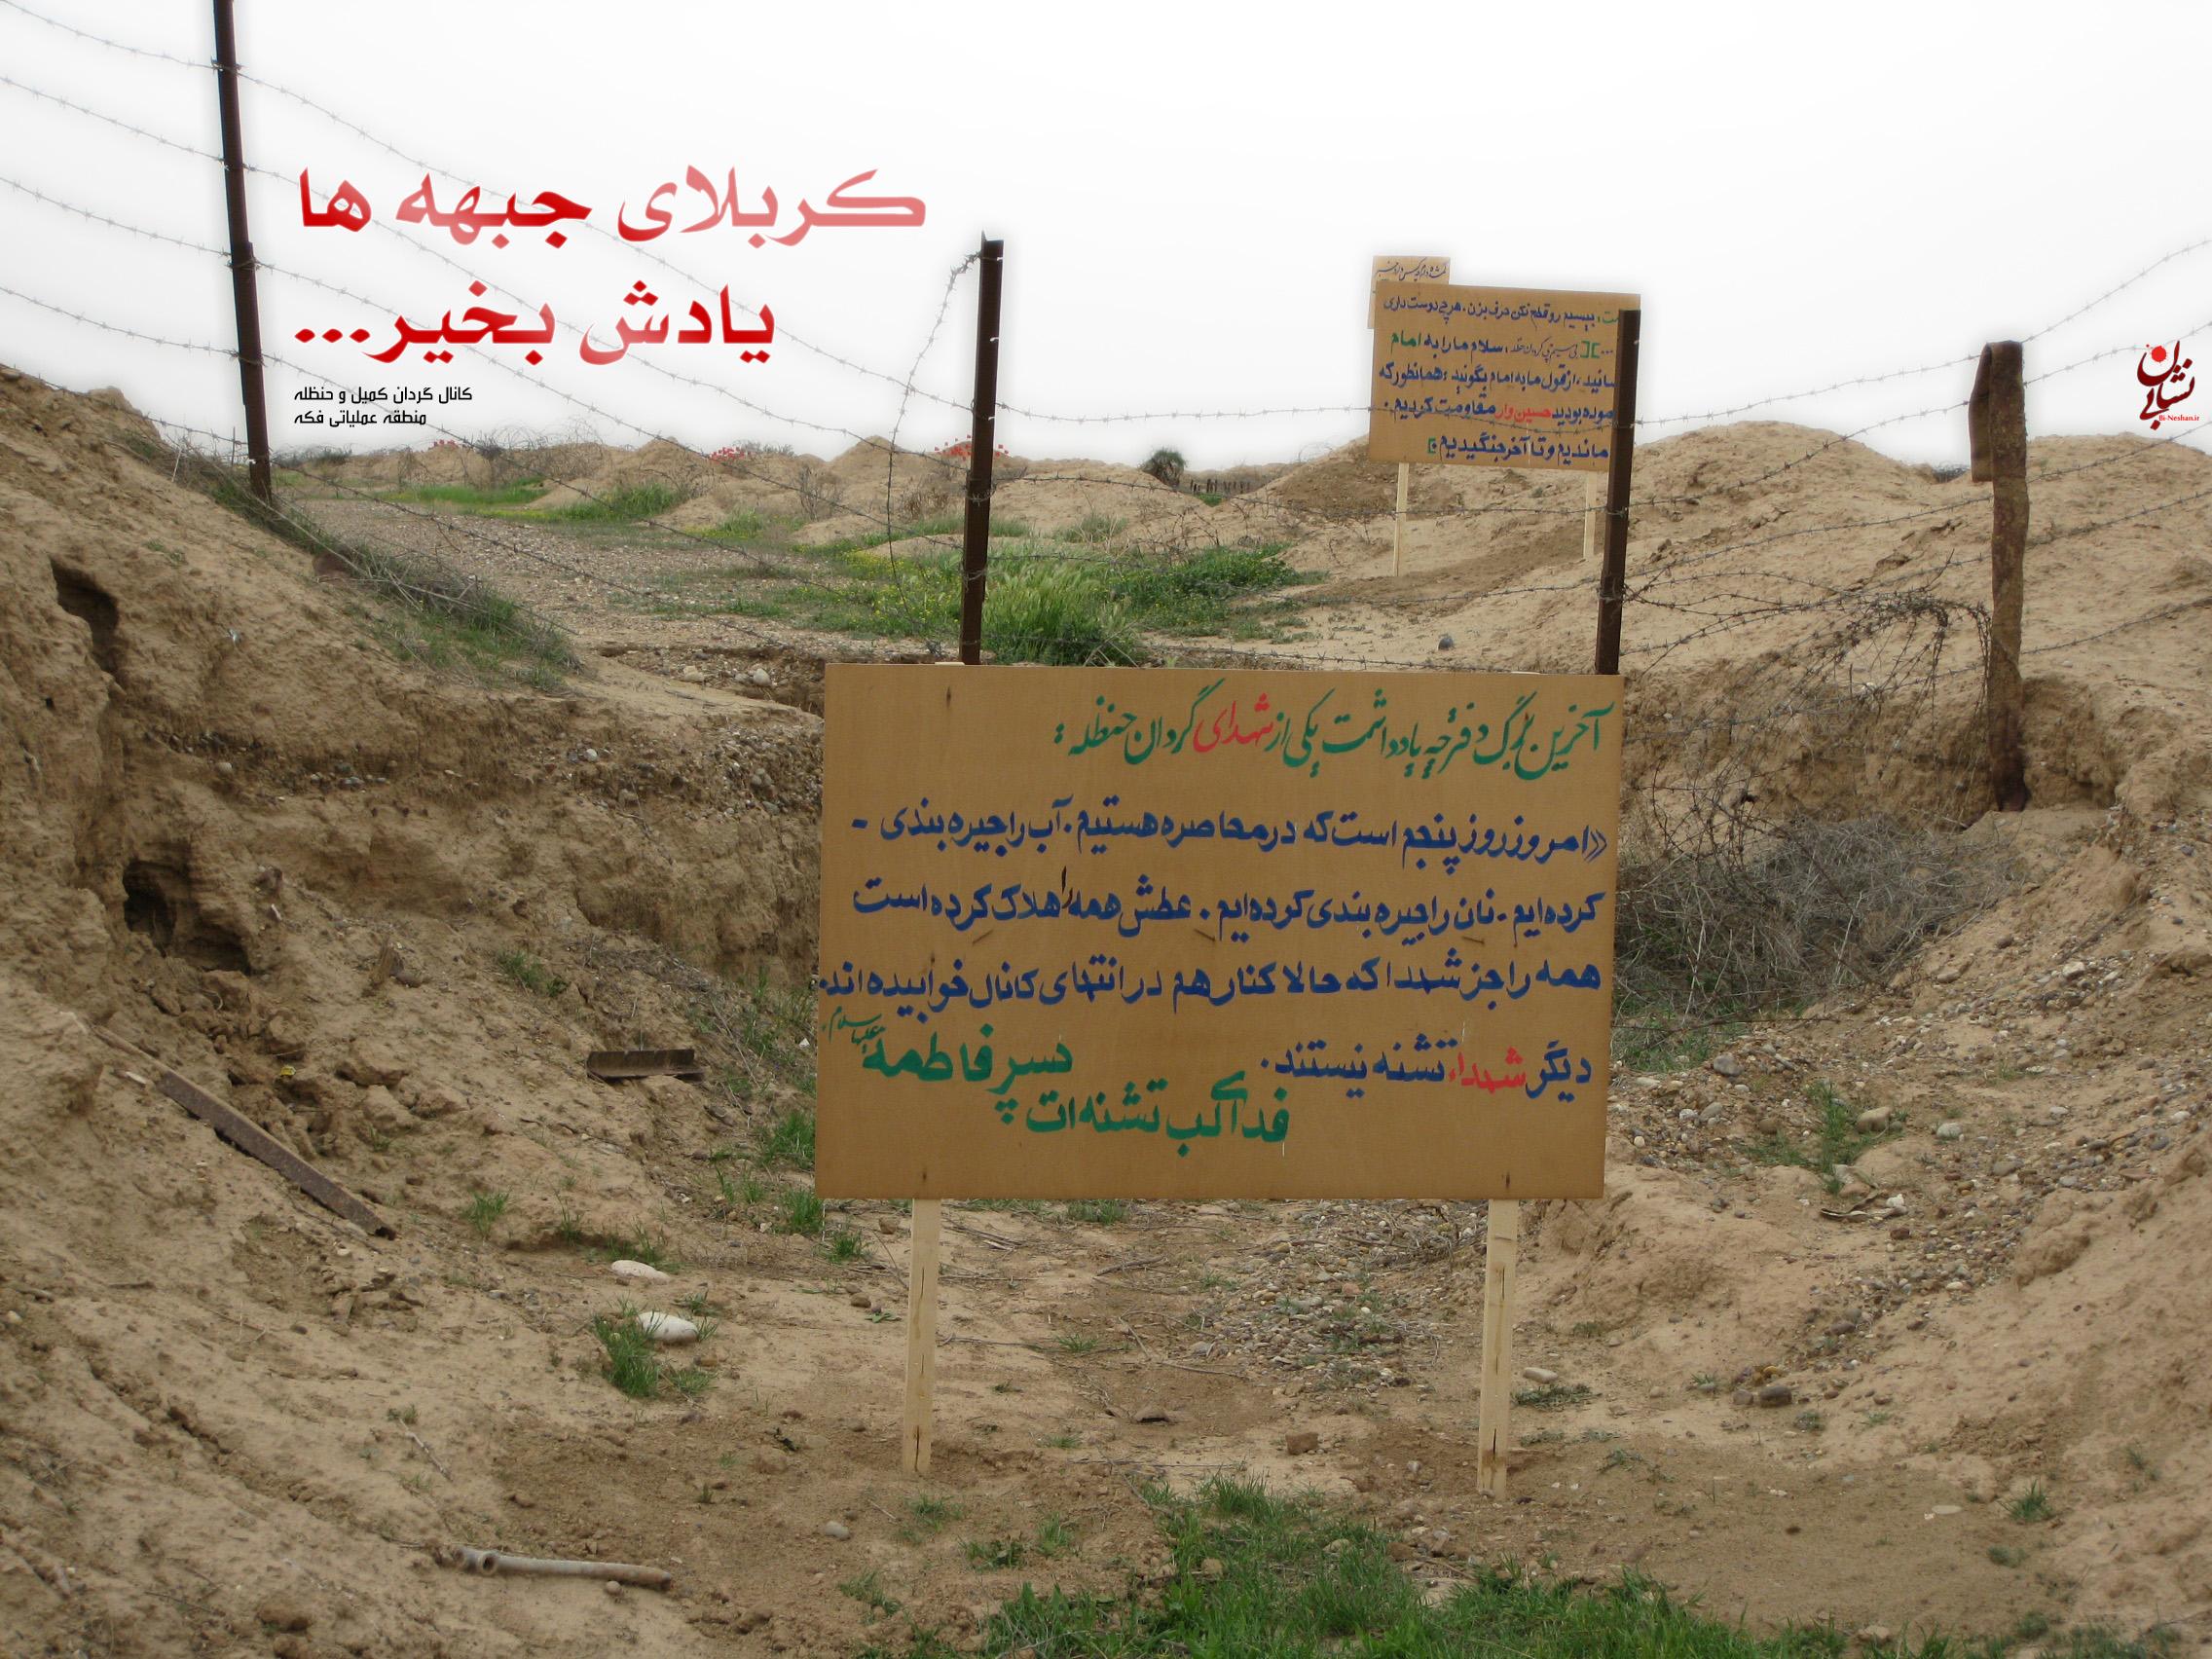 http://bi-neshan.ir/wp-content/uploads/2011/11/Kanale-Koumeil.jpg